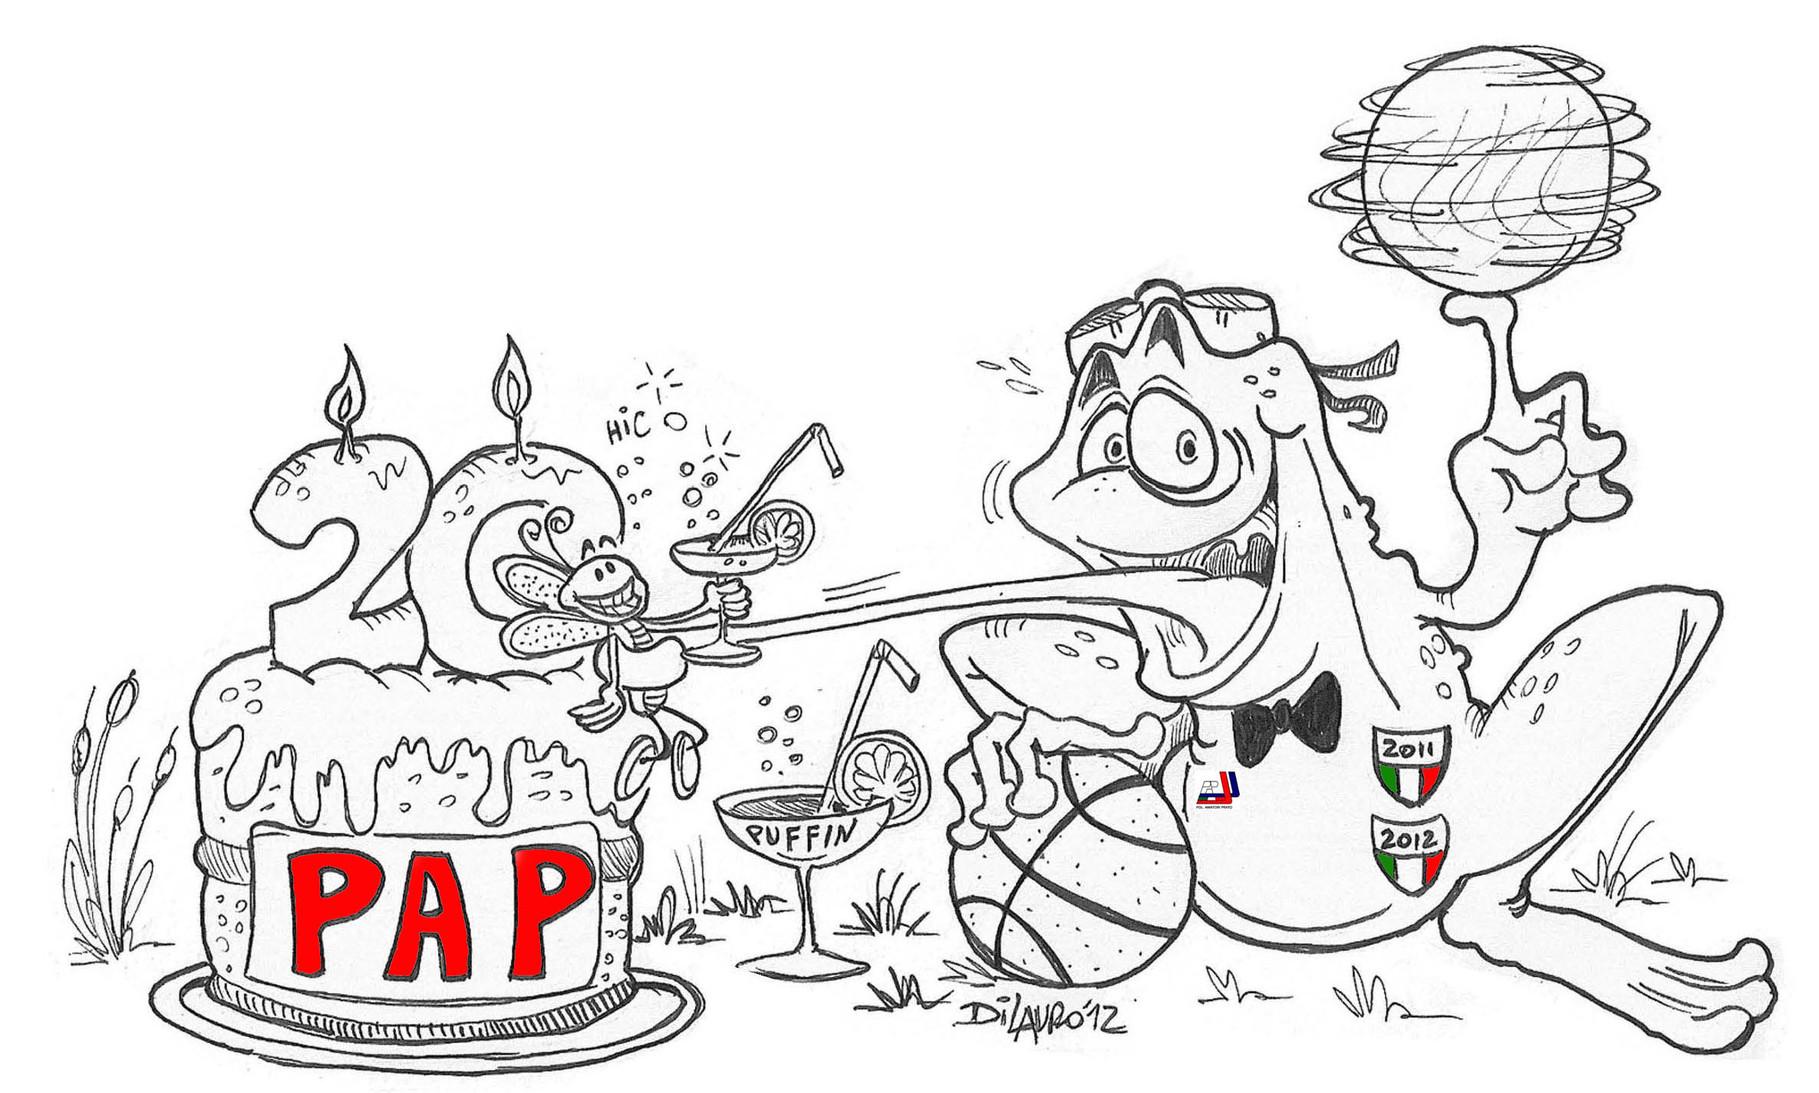 Disegno celebrativo per i 20 anni della PAP!!!!